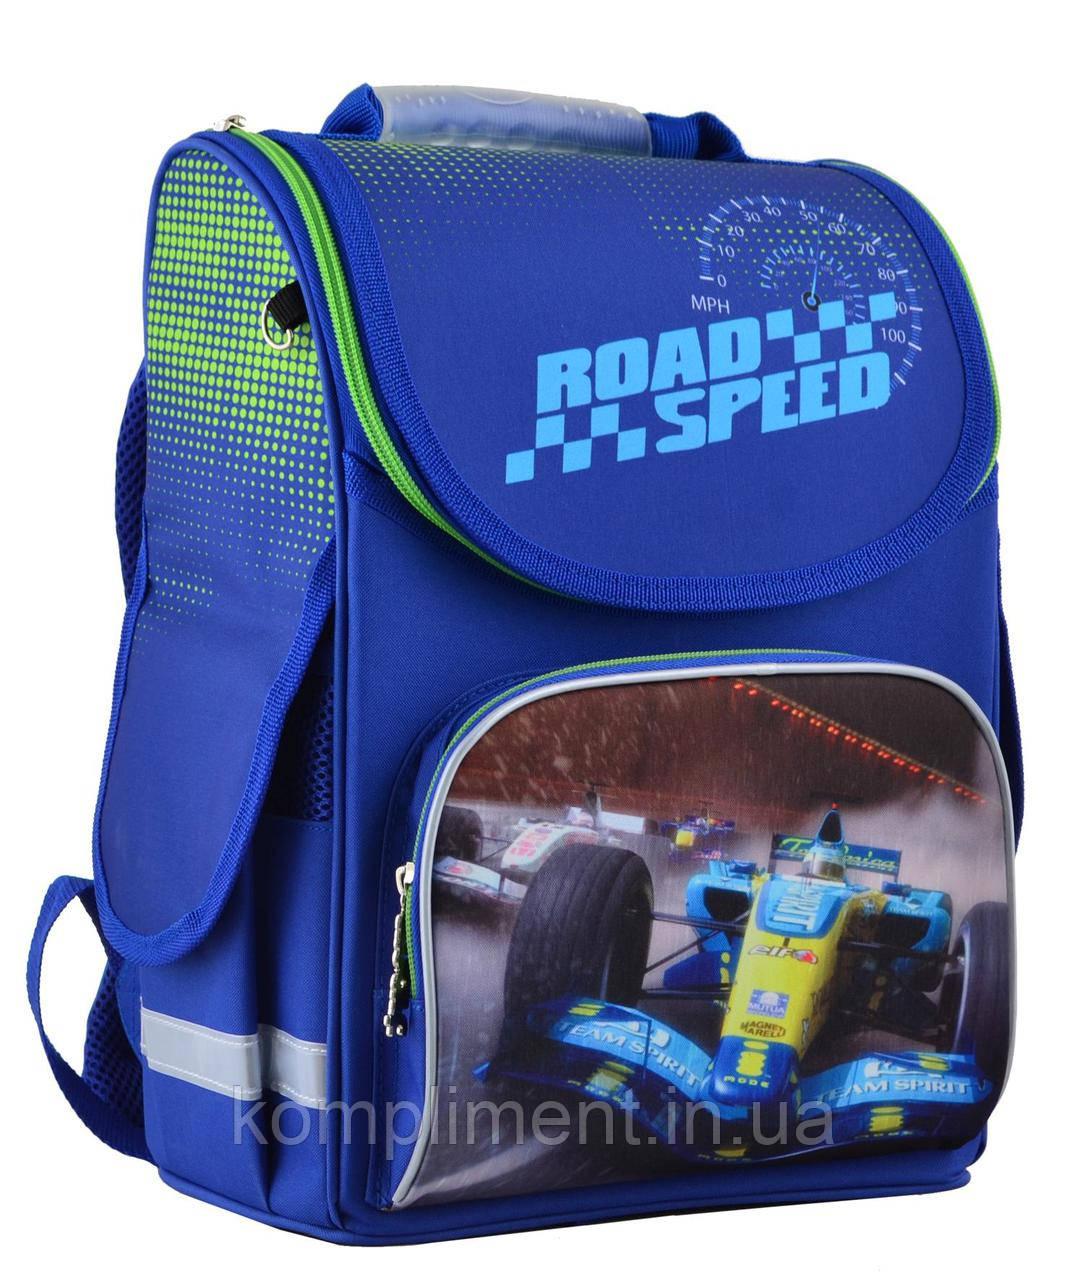 Рюкзак каркасный ортопедический  для мальчика PG-11 Road speed,  31*26*14  SMART